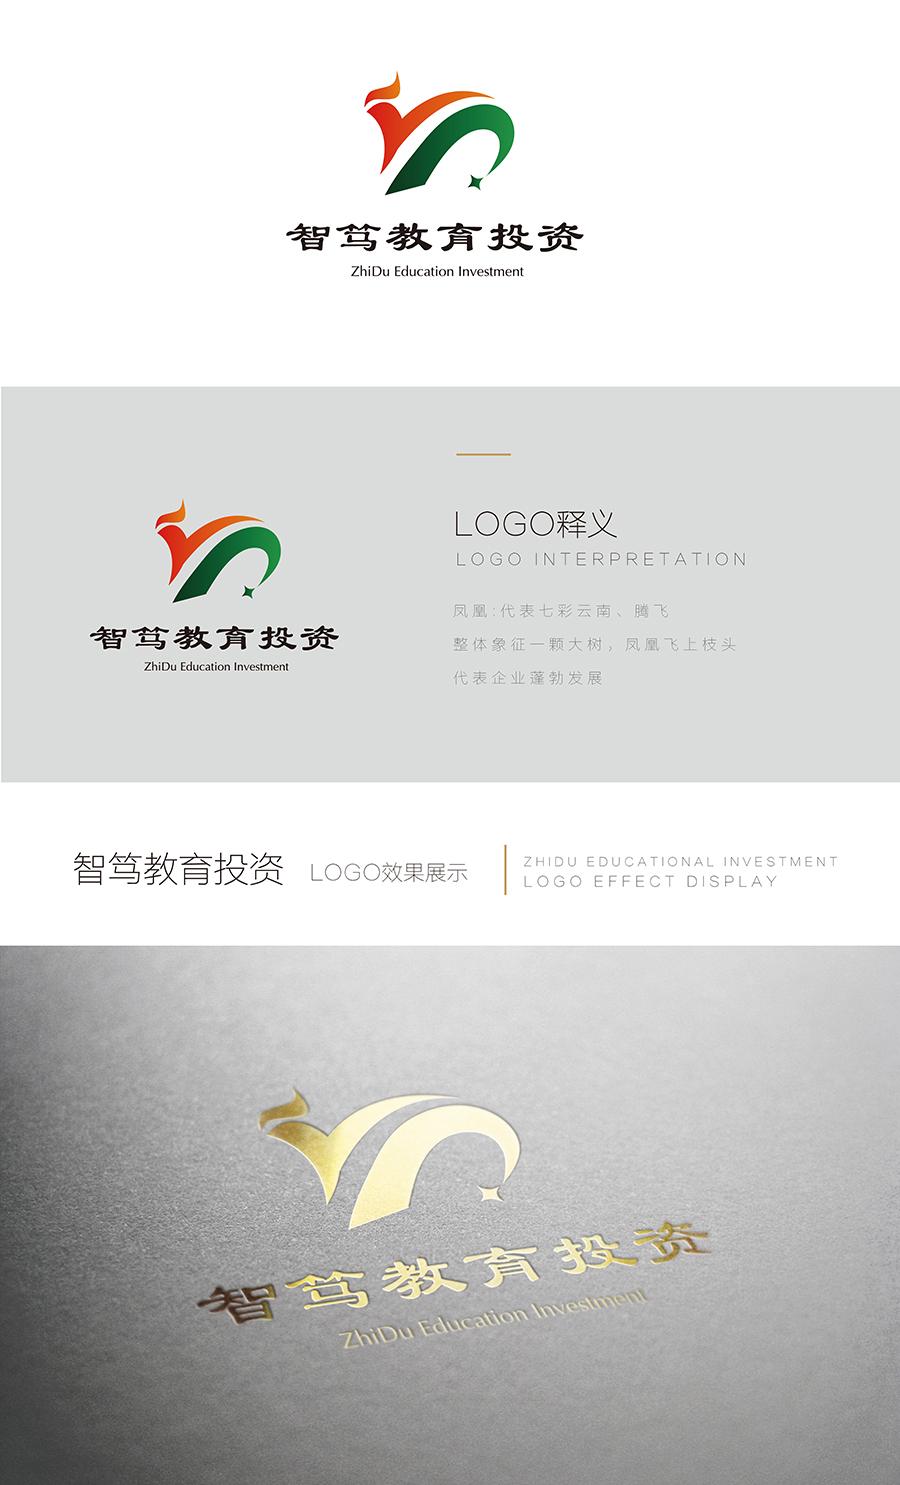 昆明logo设计 金弦案例智笃教育投资  未命名  第1张